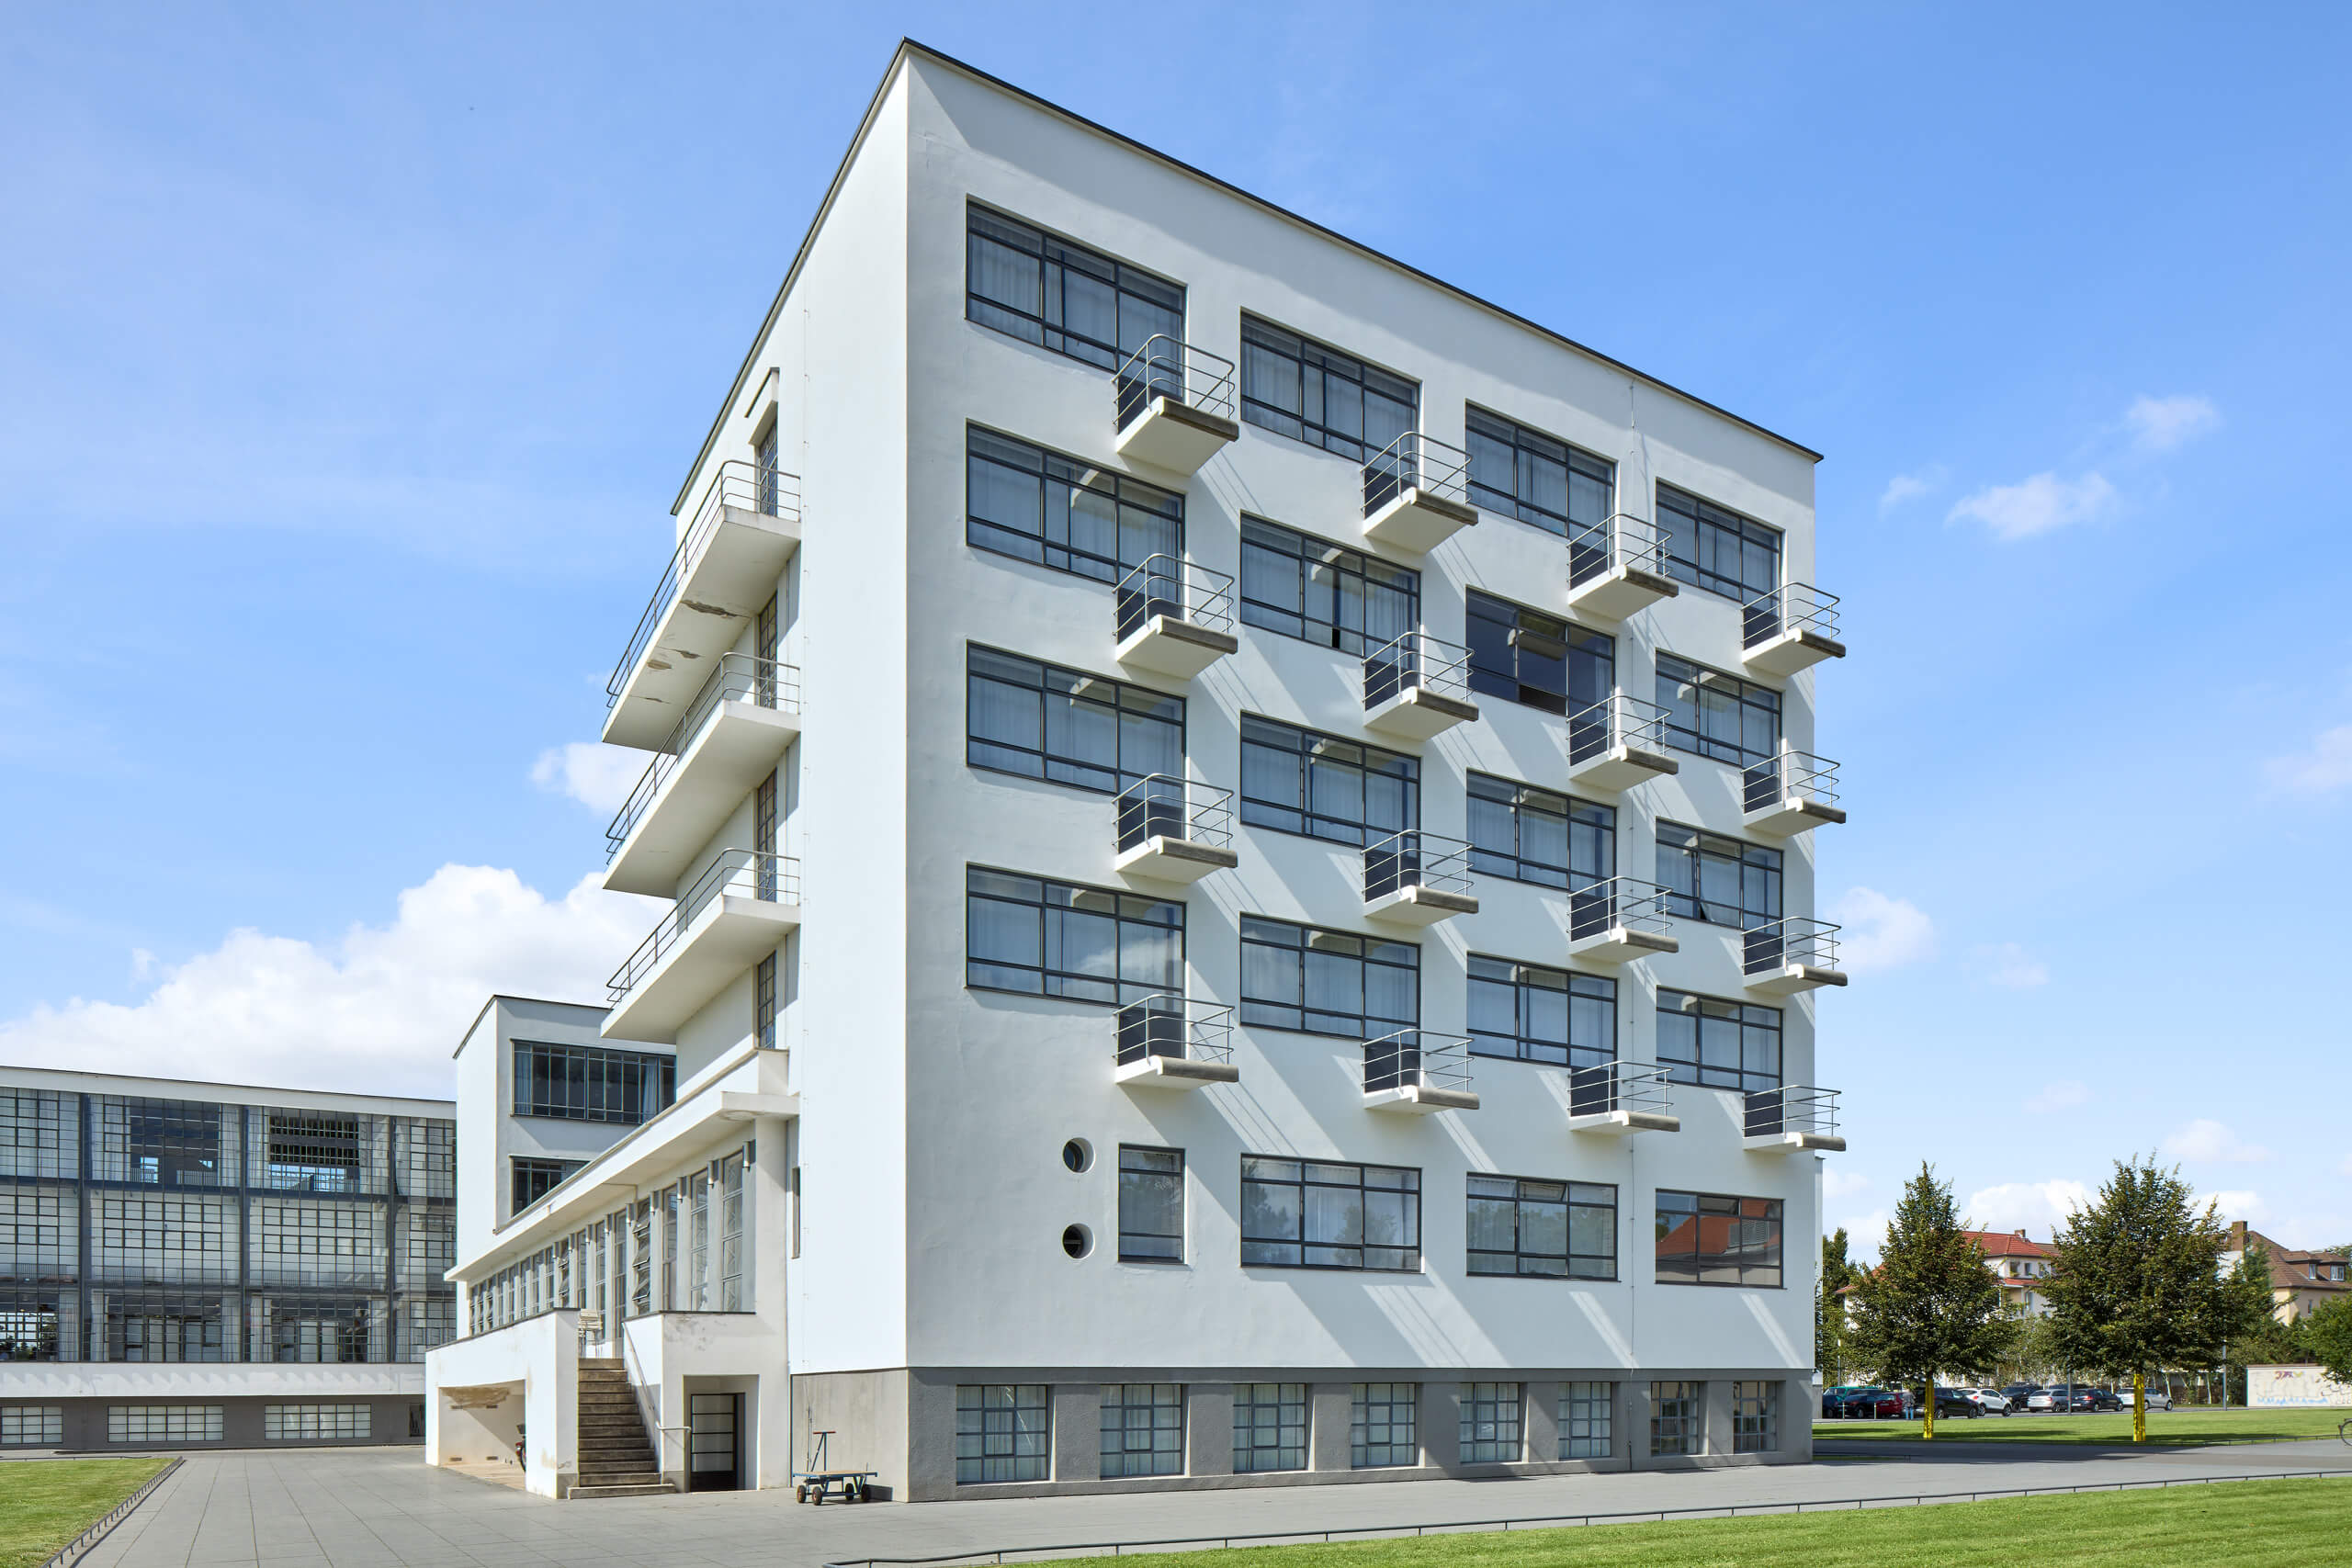 Bauhaus – Walter Gropius – Dessau – DE